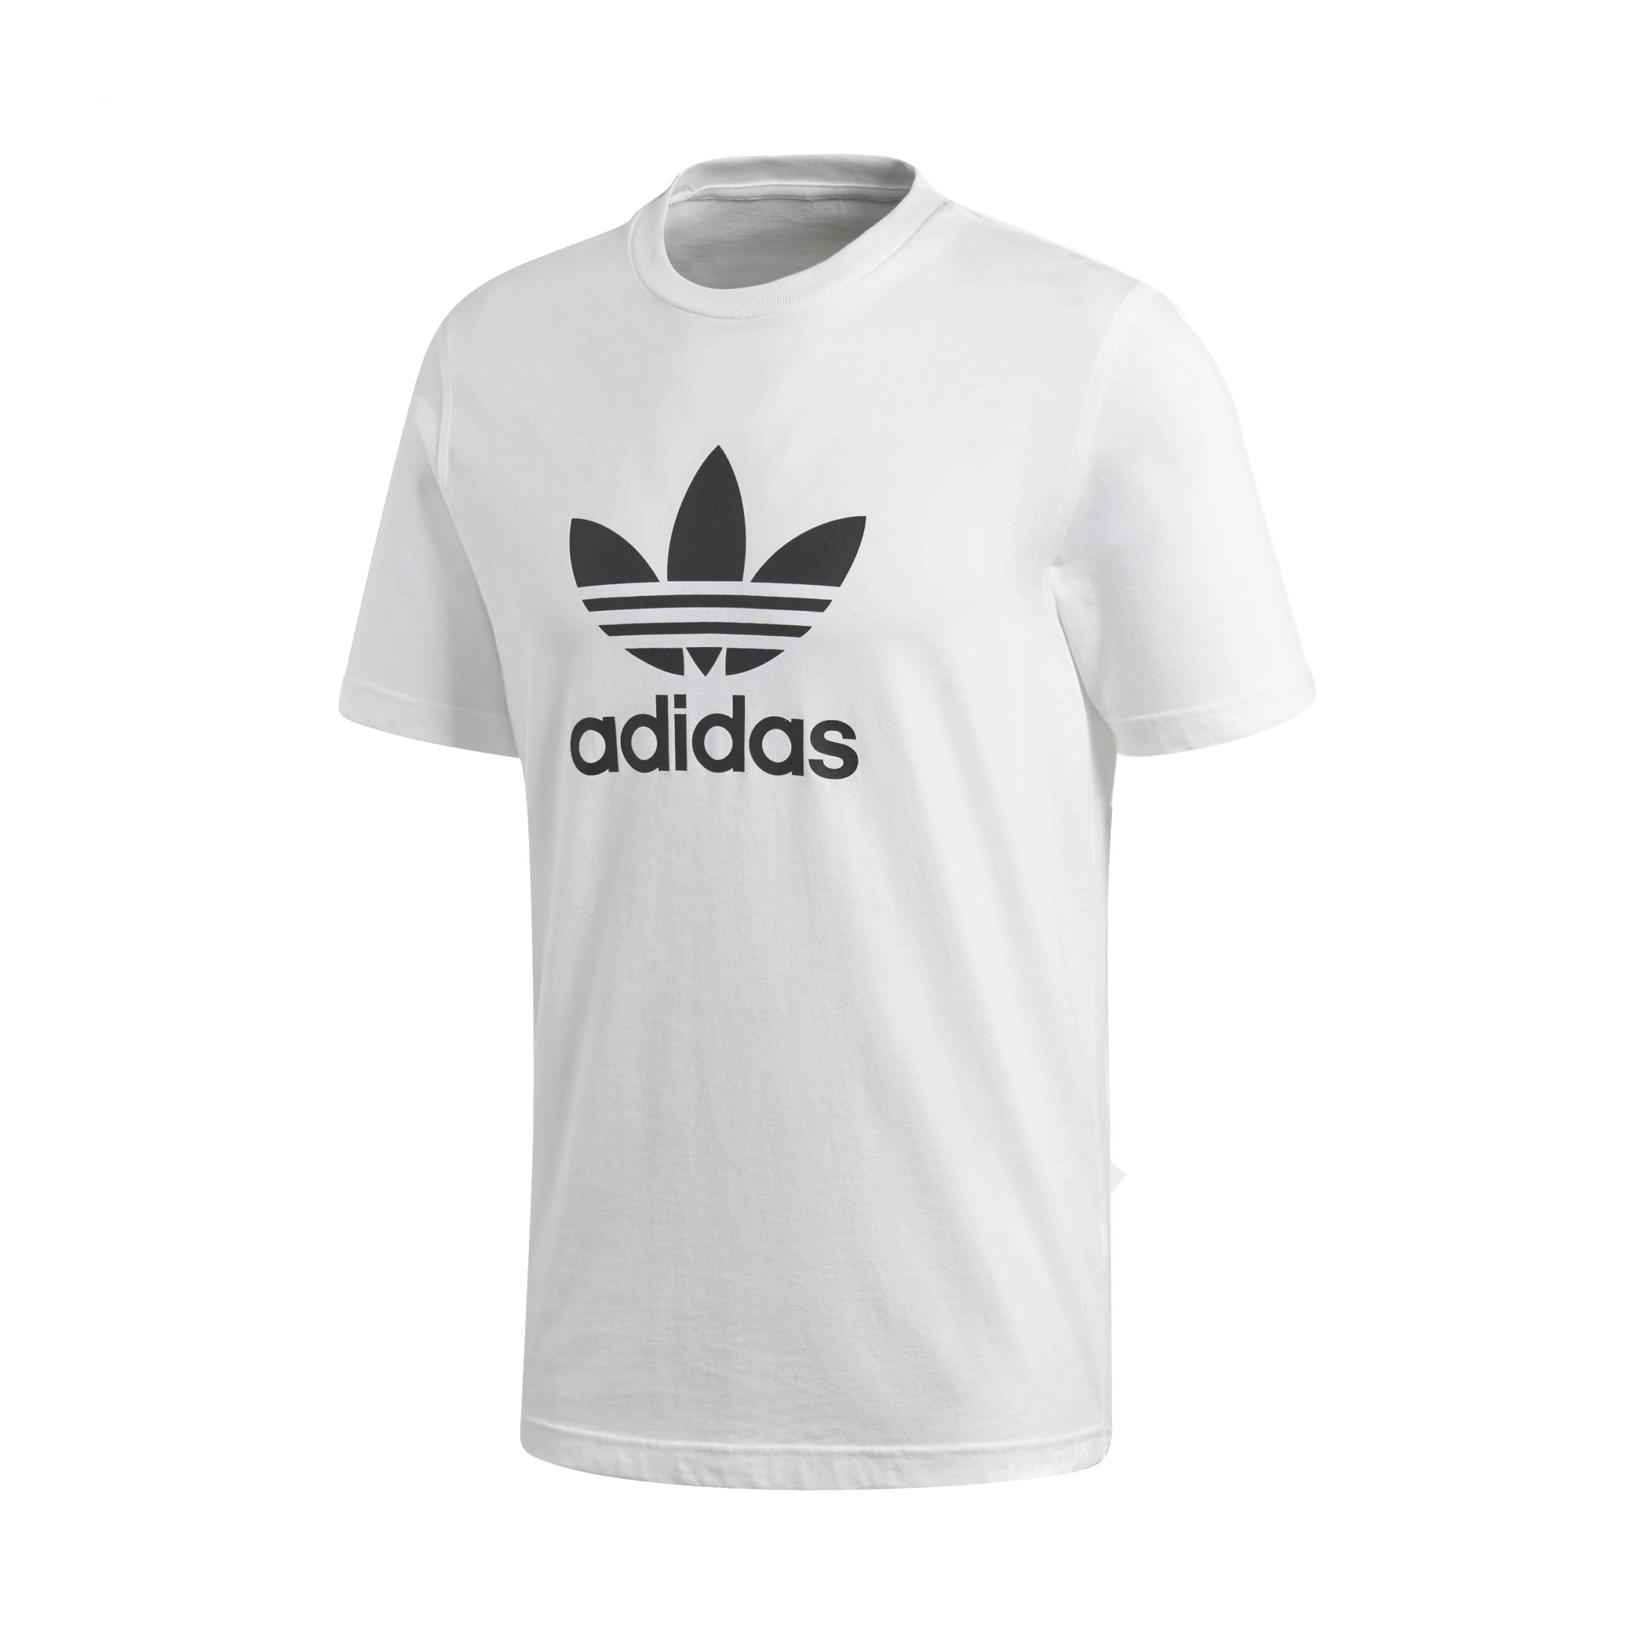 Adidas Originals Trefoil Classic Tee M White